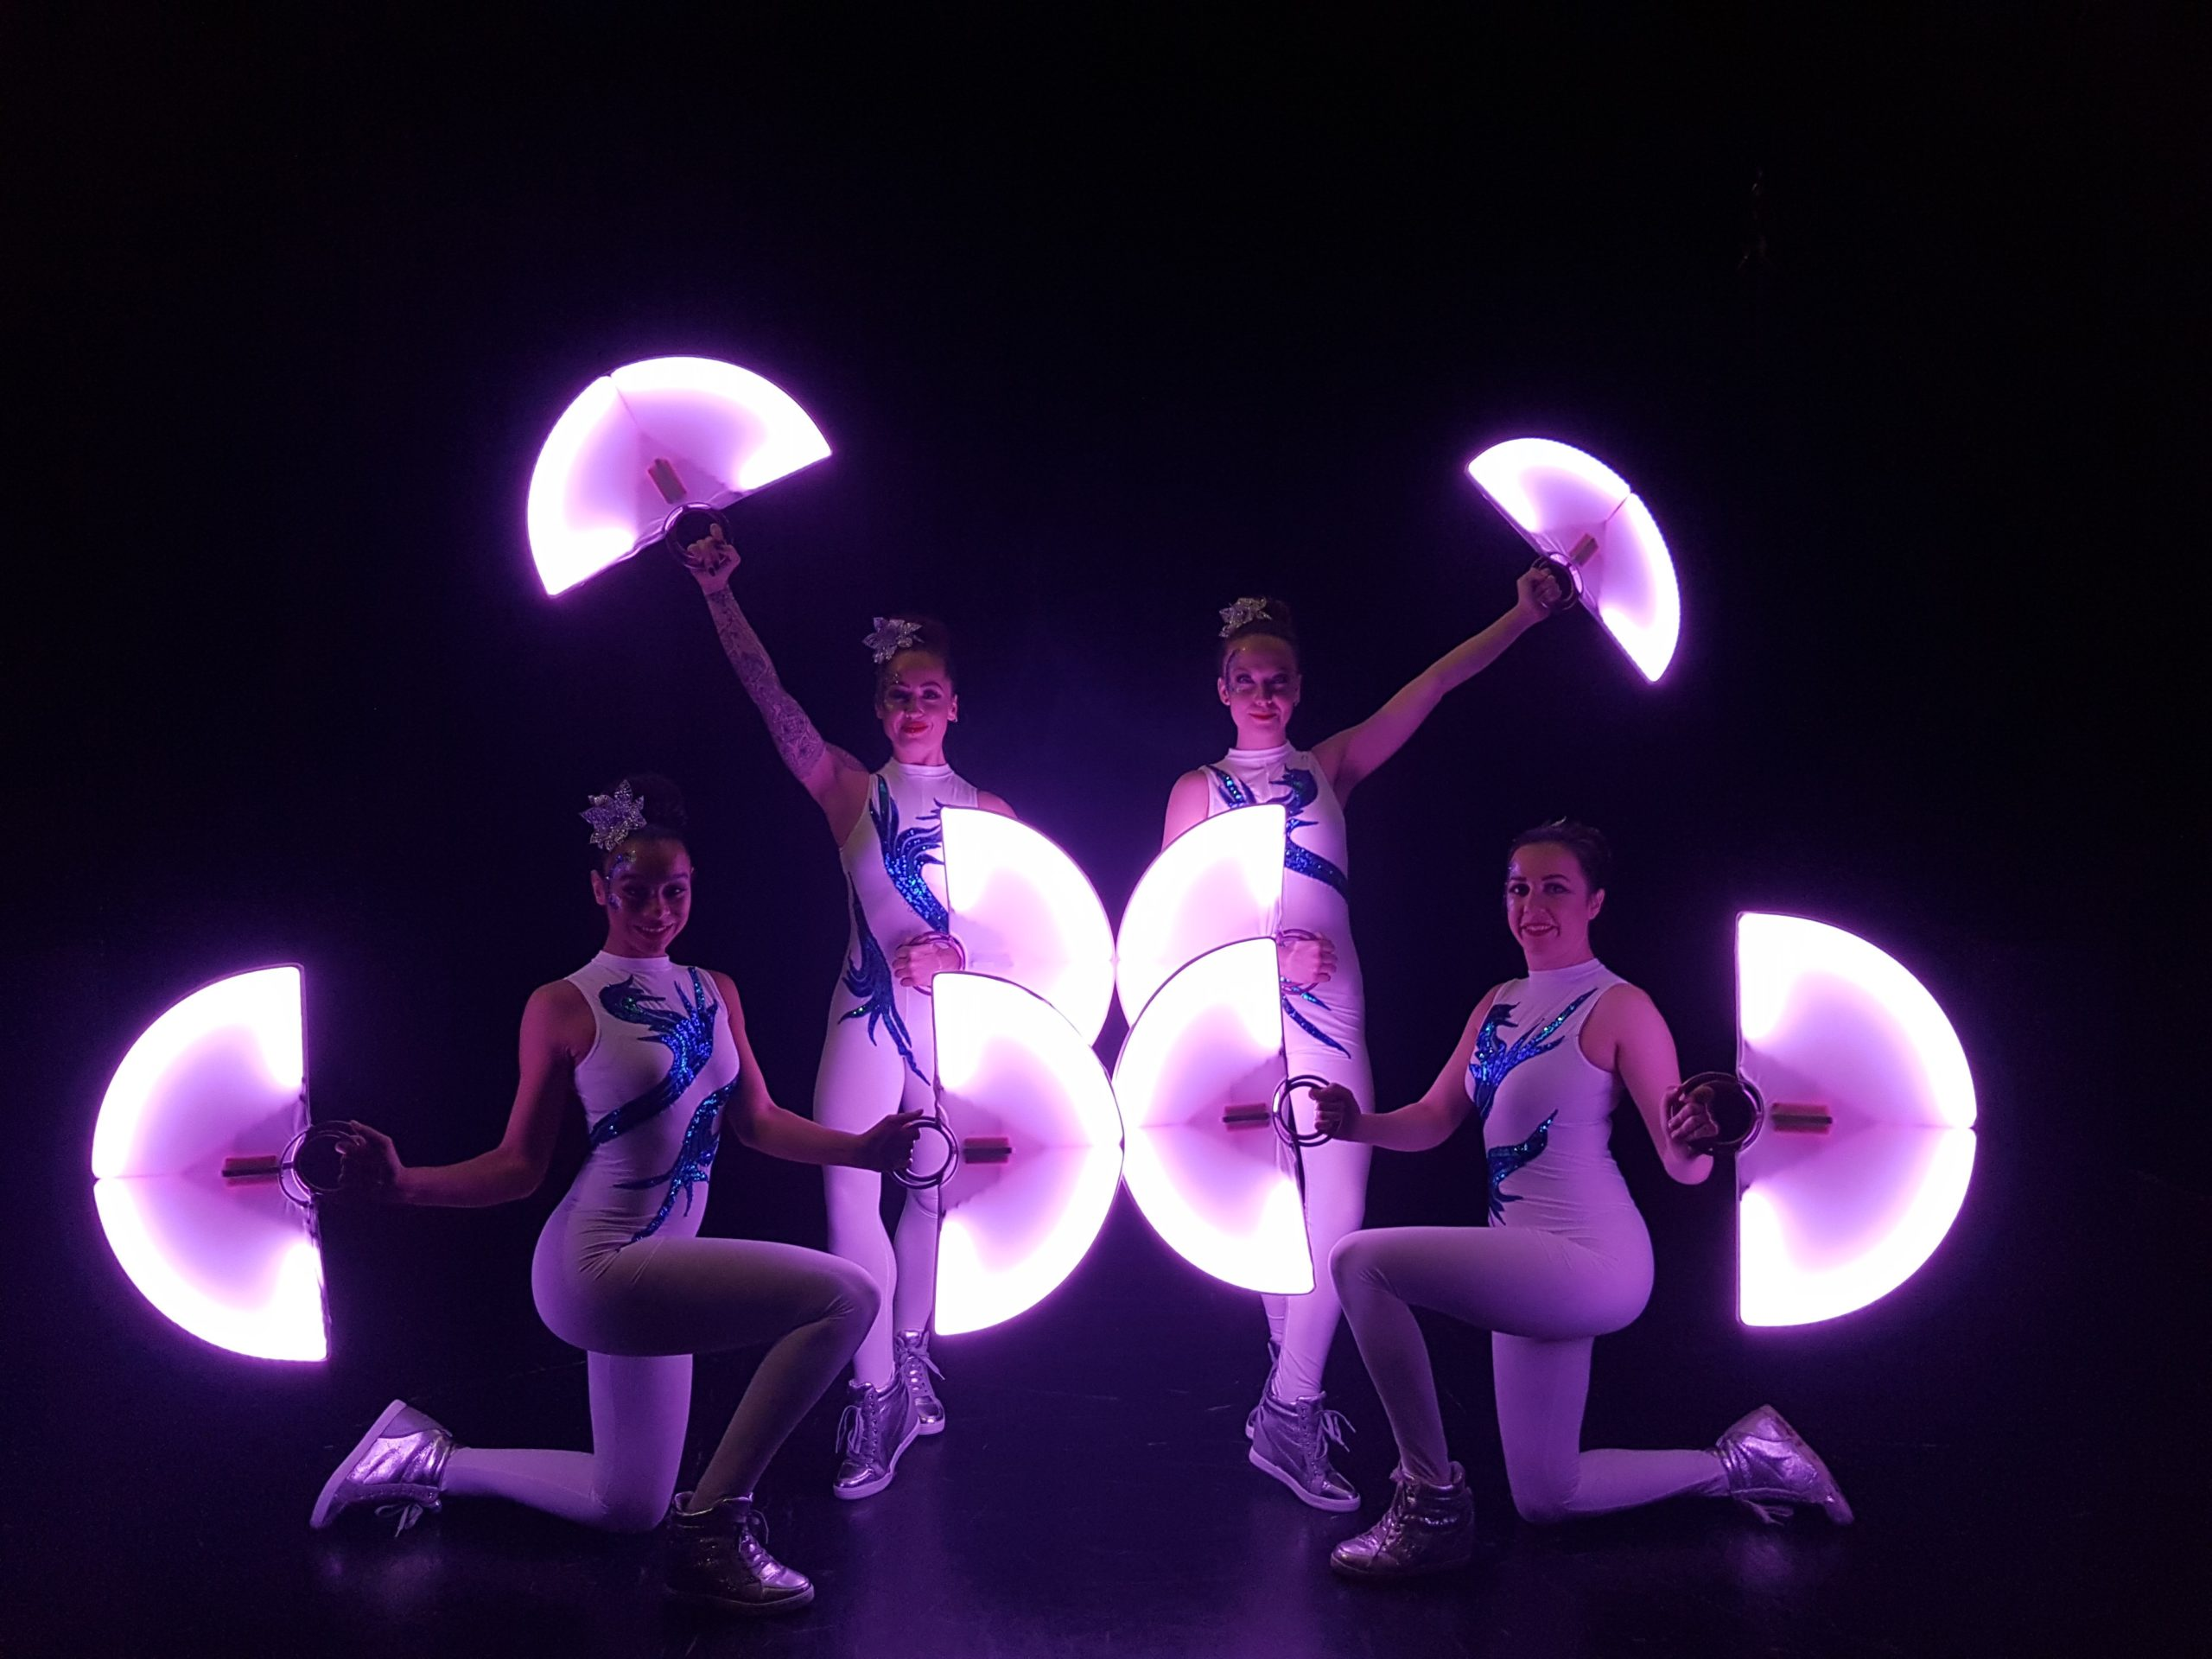 LED show moon fans